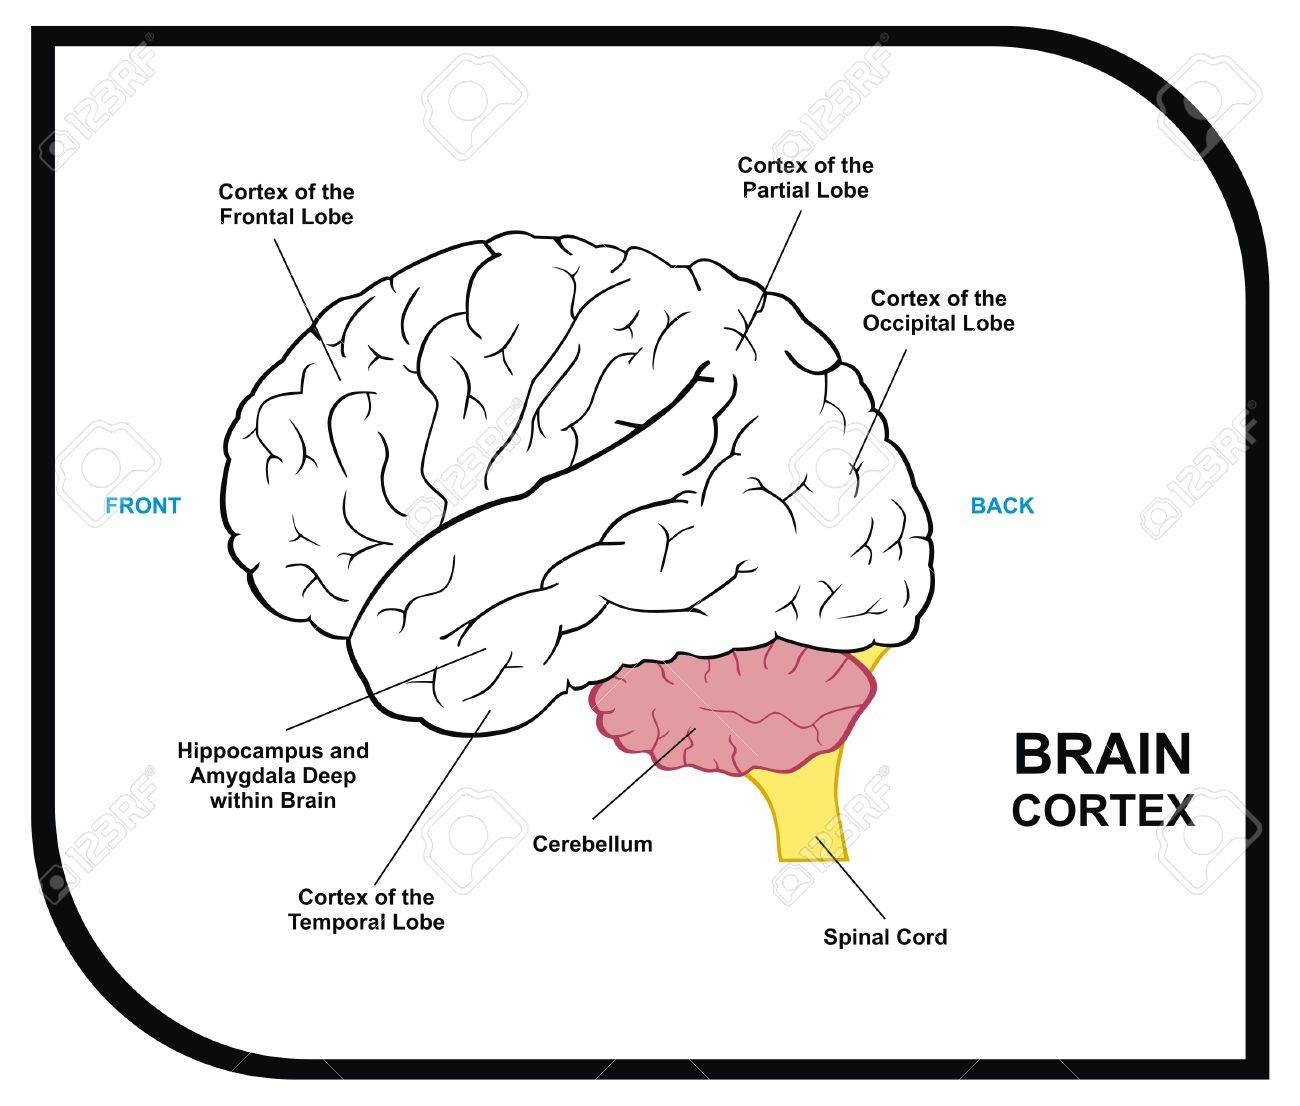 VECTOR Diagrama Del Cerebro Humano Incluyendo Corteza De Occipital ...